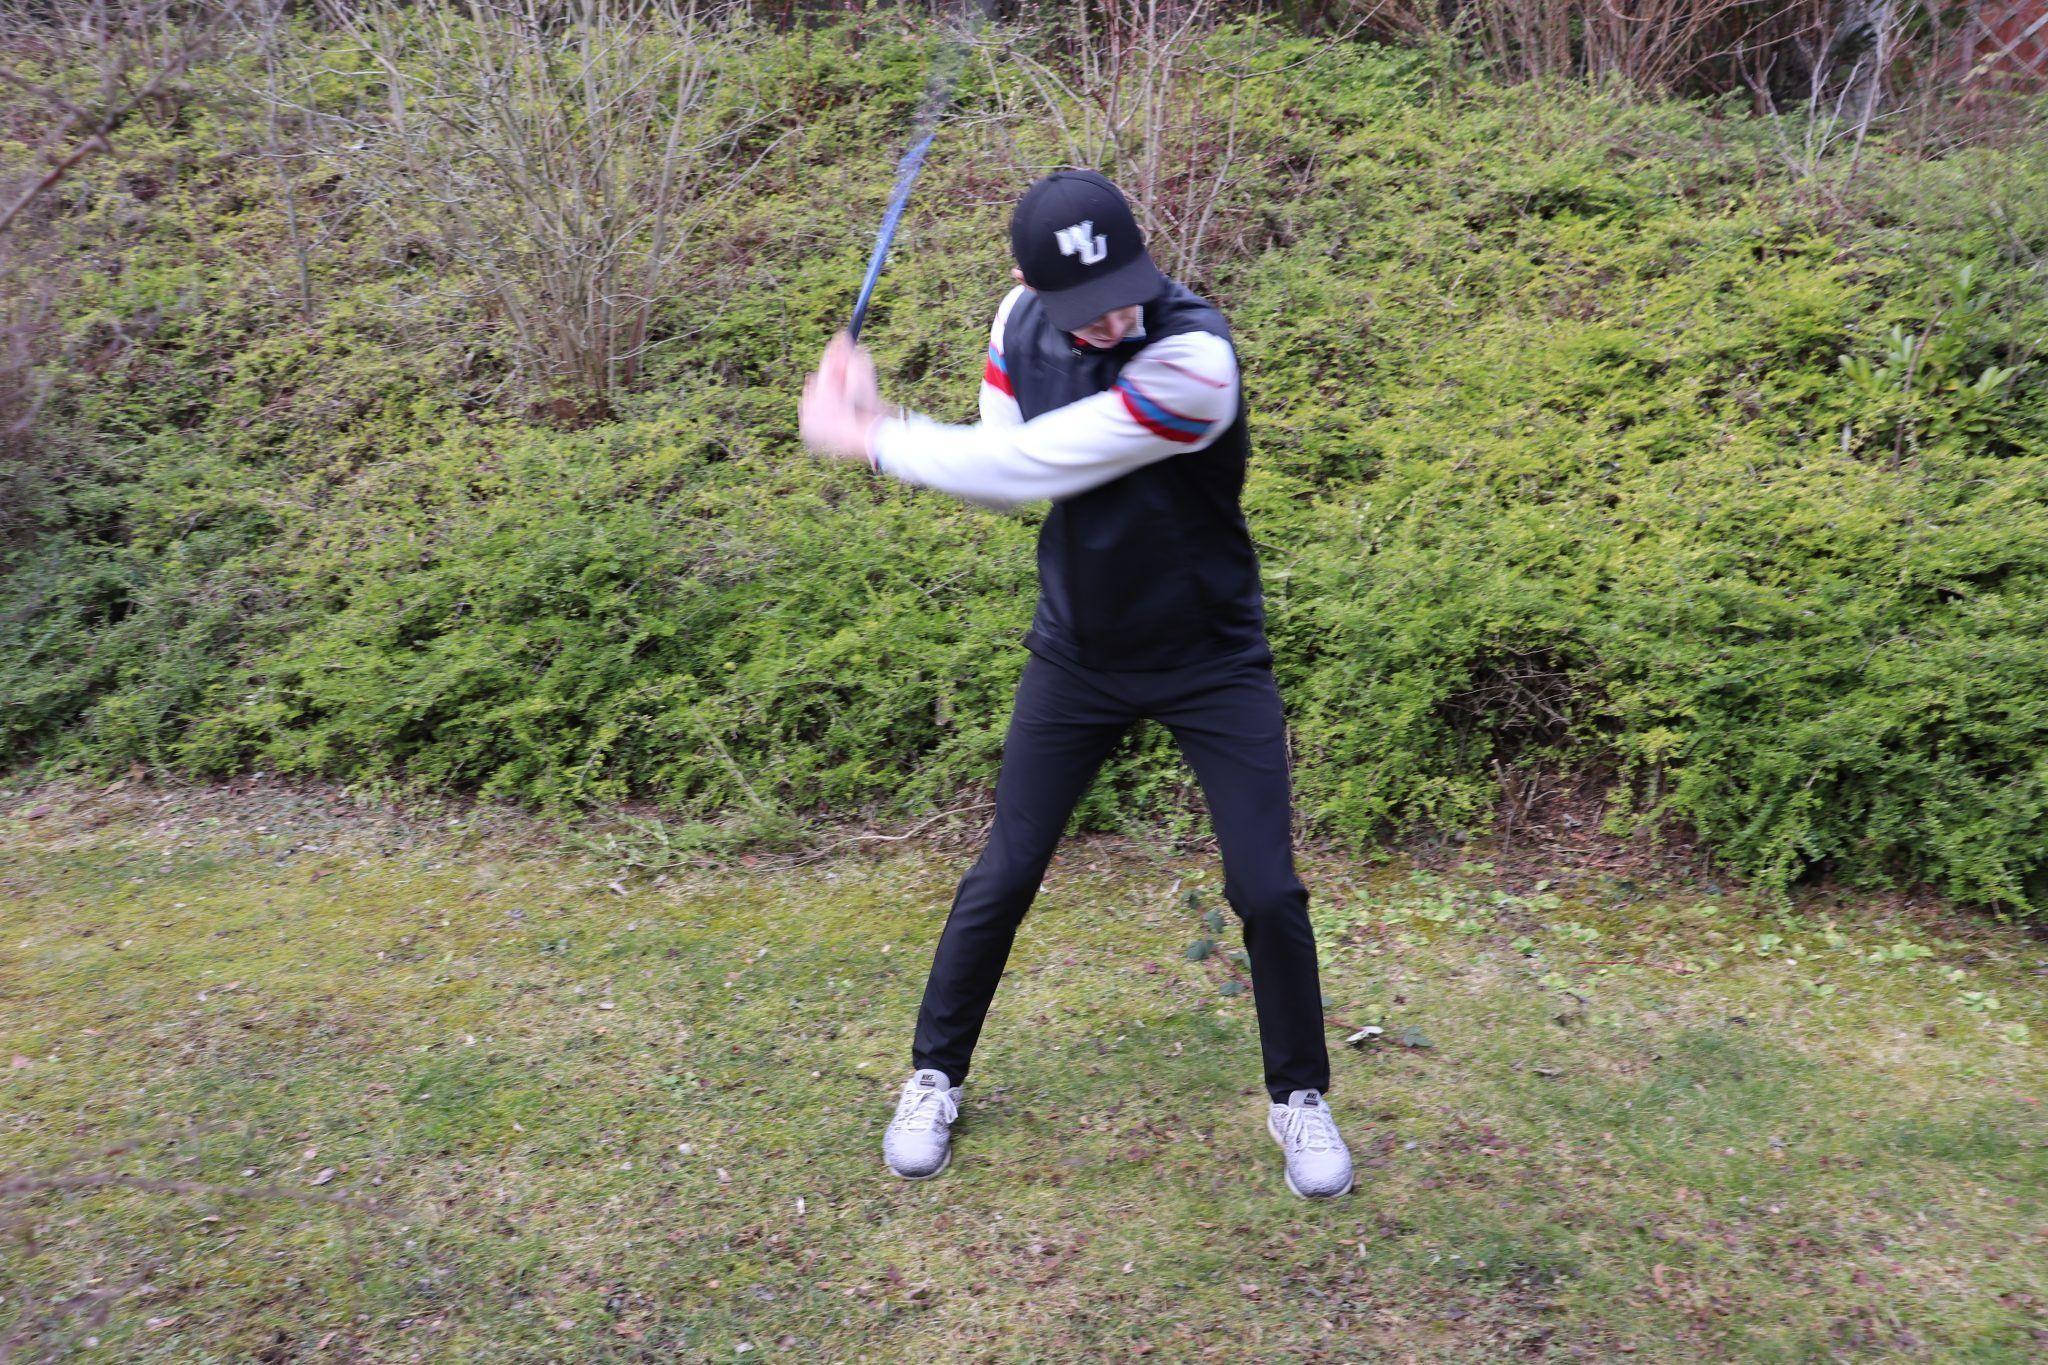 SuperSpeed Golf